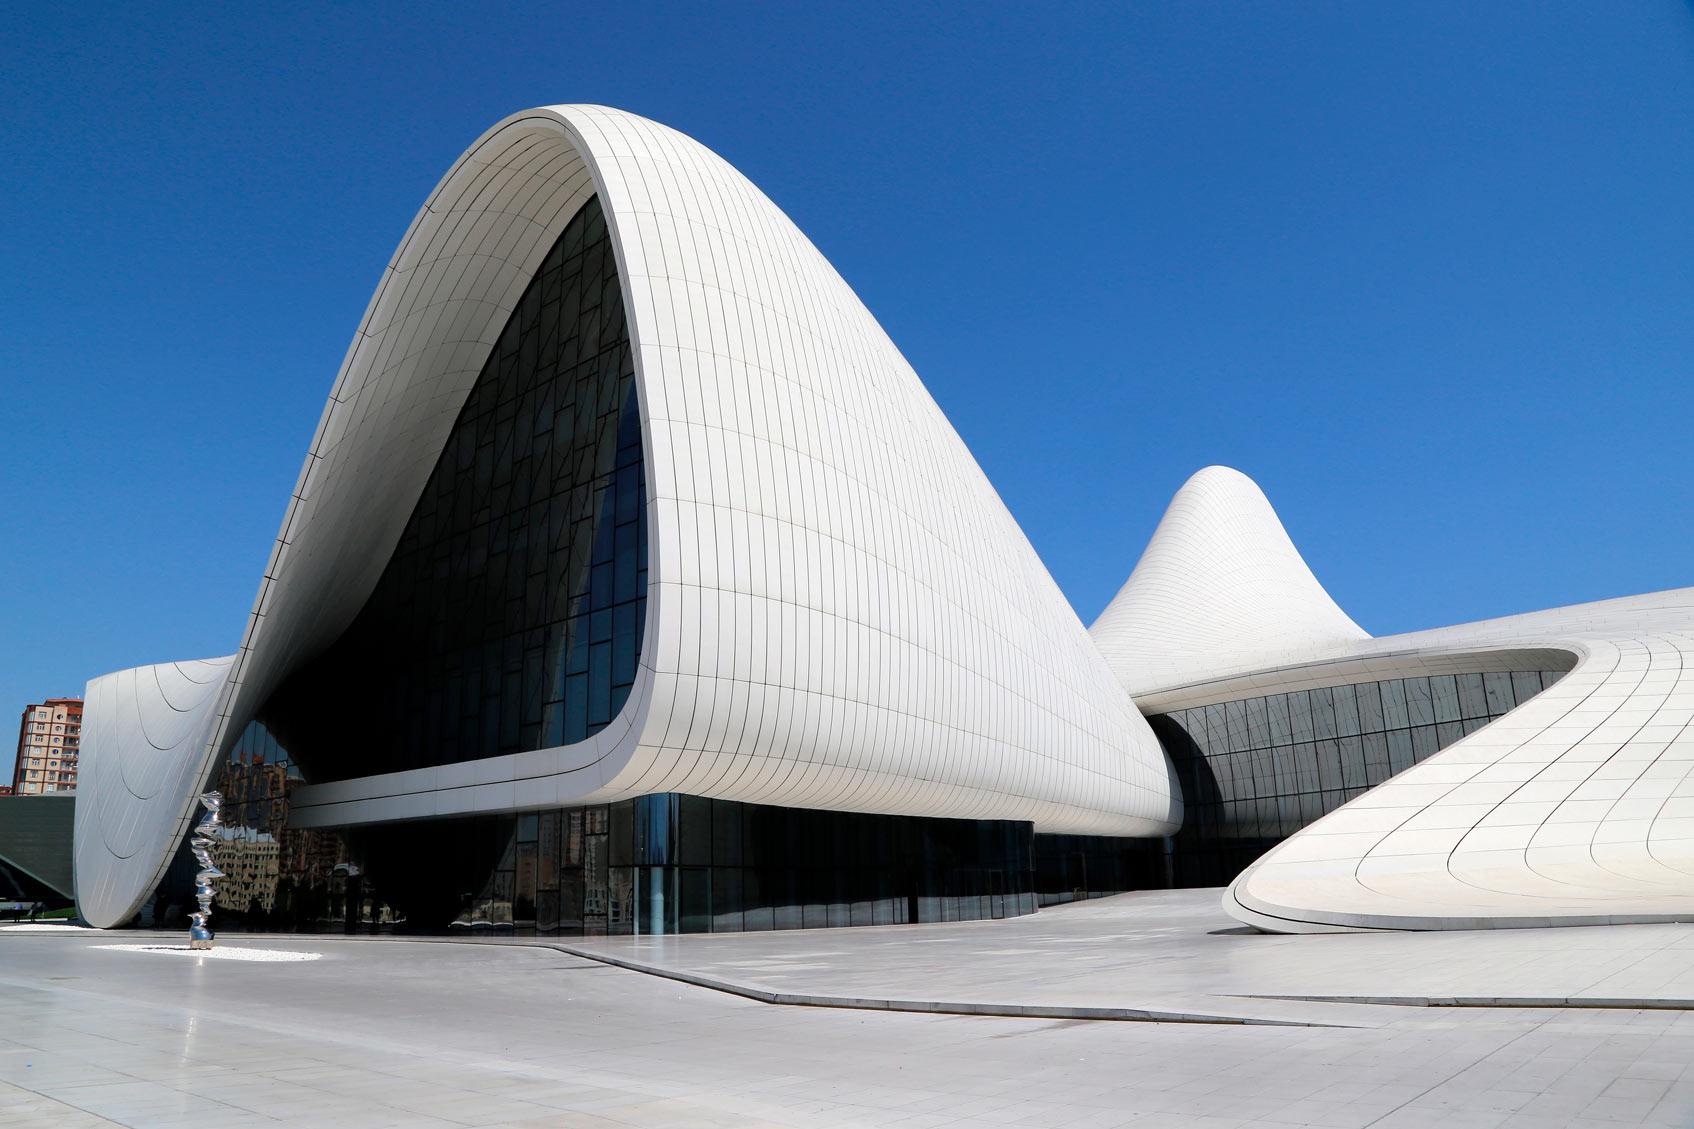 Пересадка в Баку что посмотреть за один день